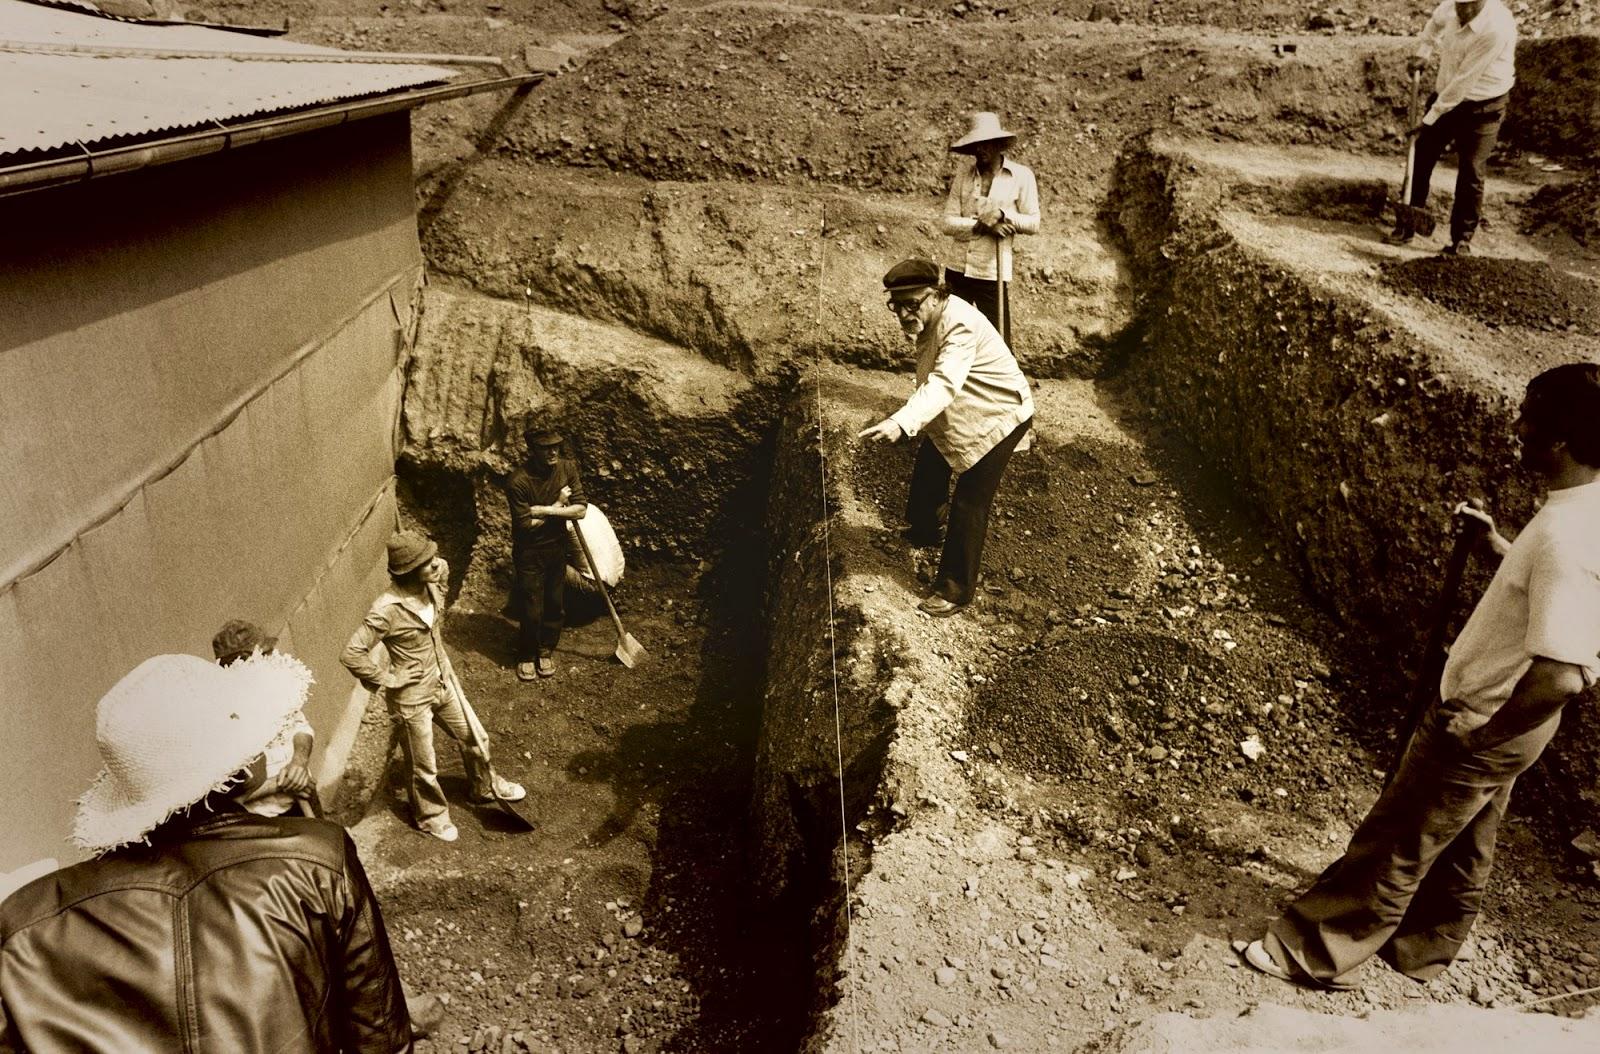 Manolis Andronikos supervisa los trabajos de excavación del gran túmulo de Vergina, en cuyo interior se descubrió la tumba del rey filipo II.